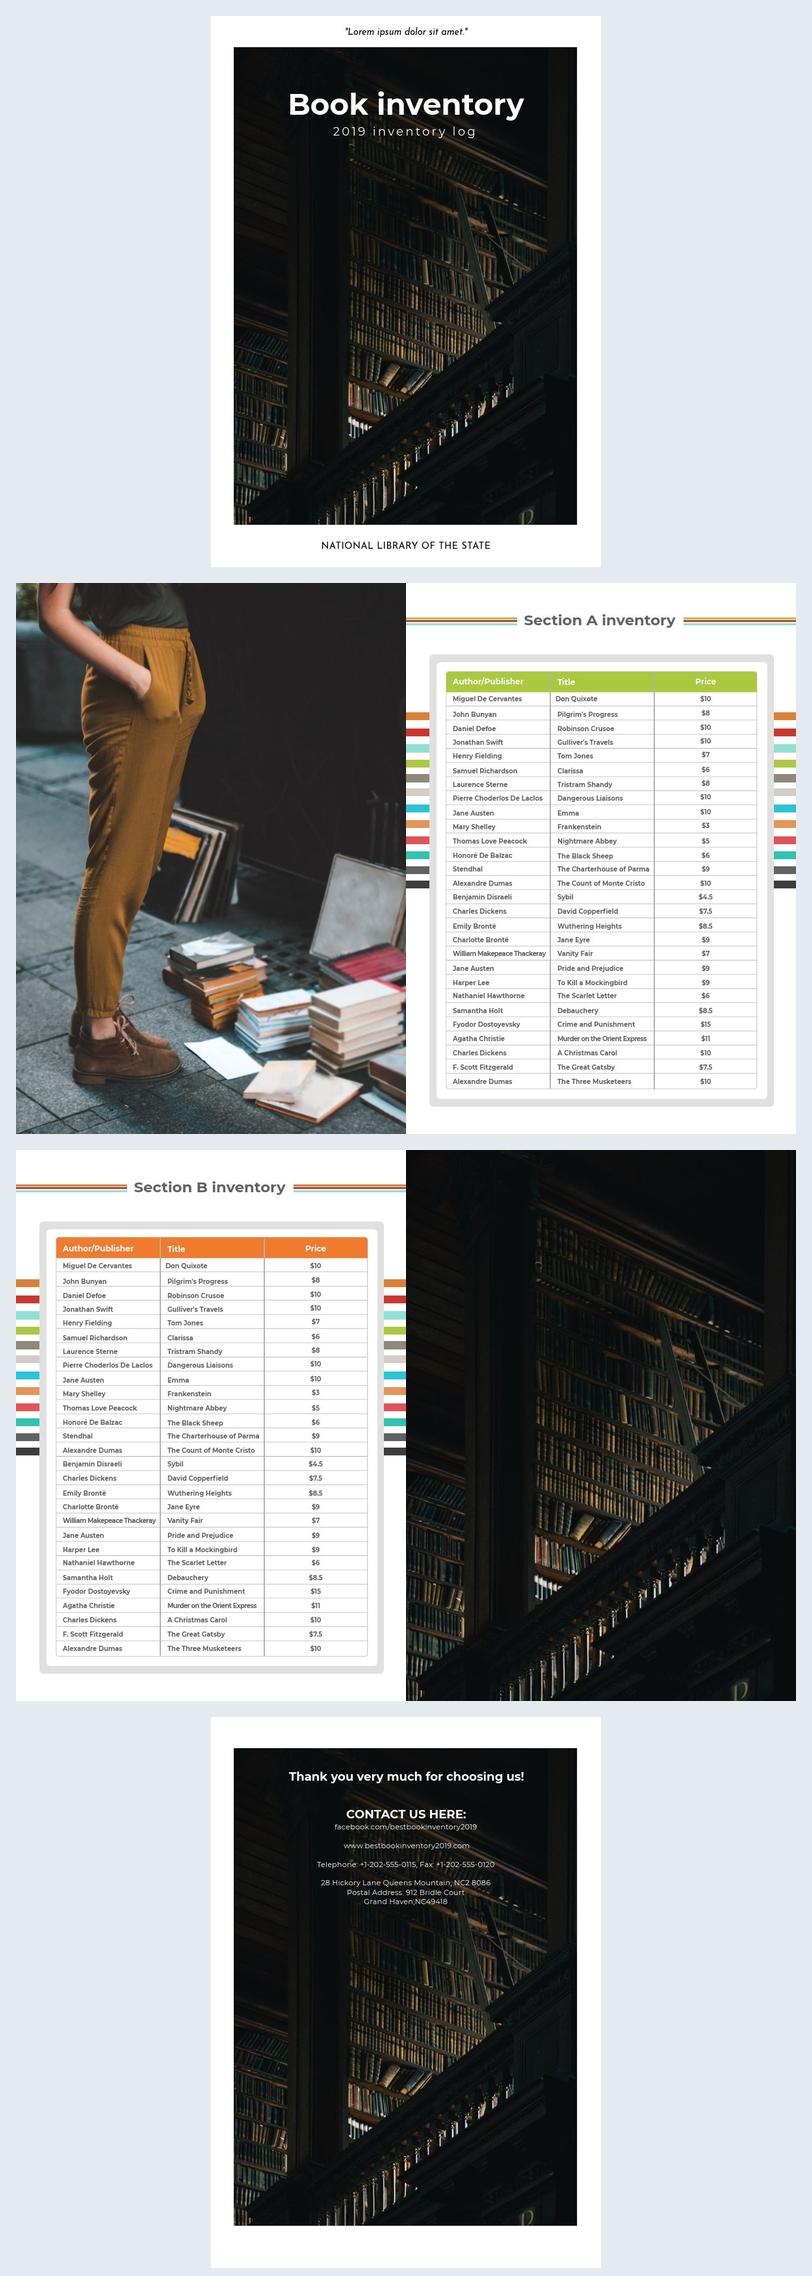 Modelo de Inventário de Livros